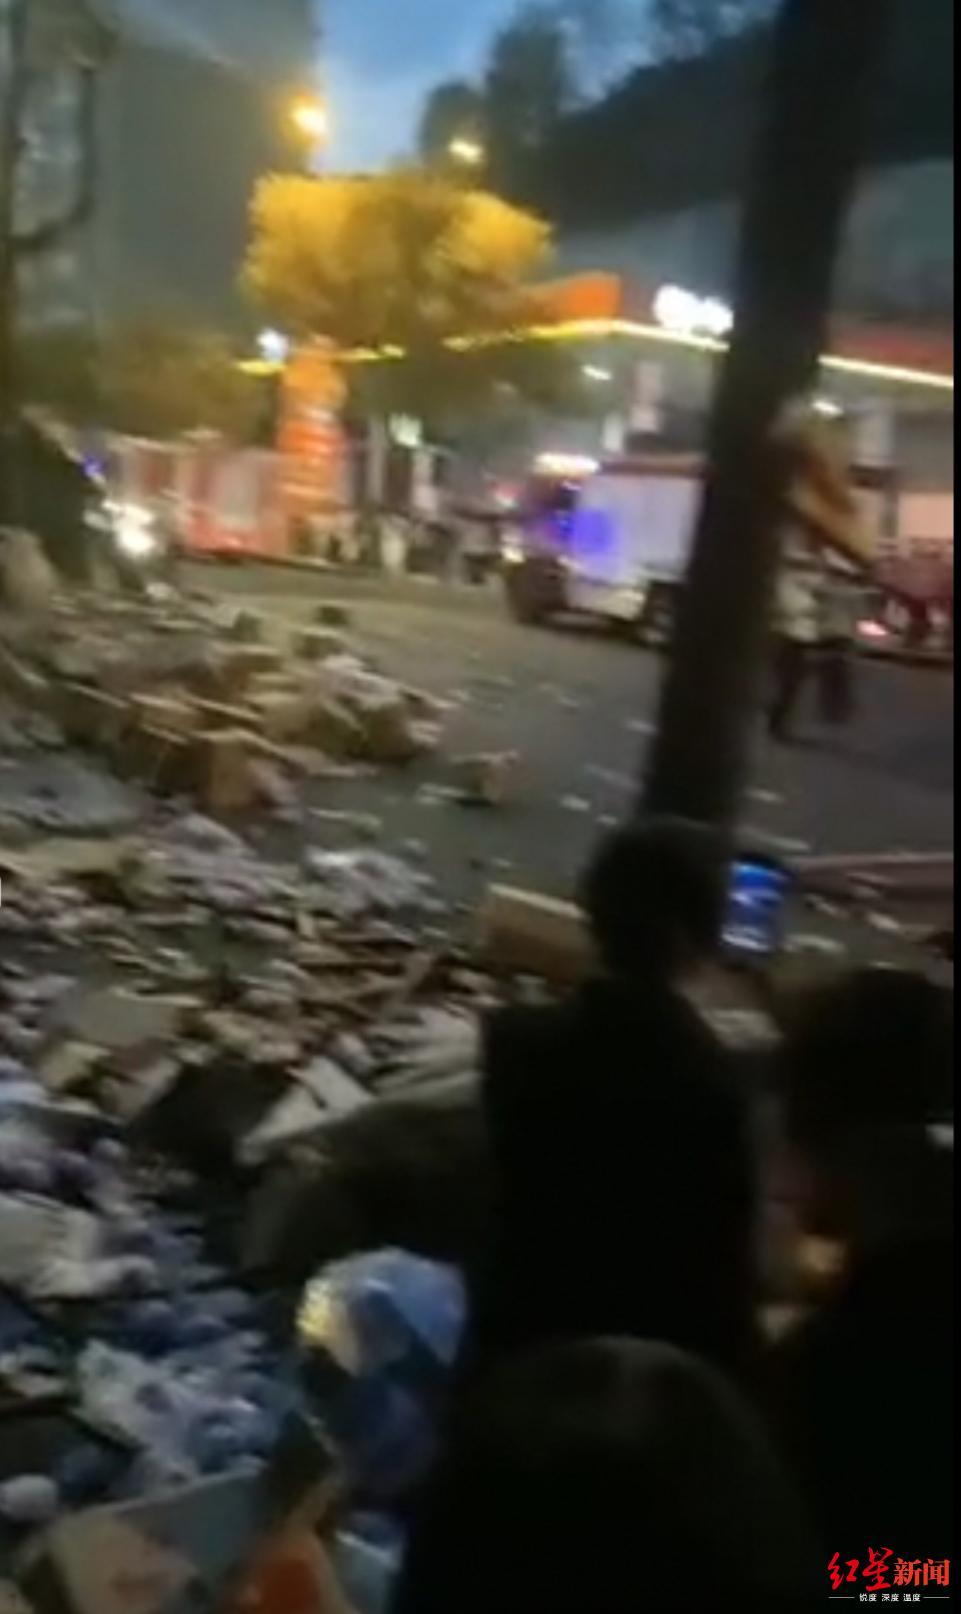 四川攀枝花发生货车侧翻事故,造成1名行人死亡2人受伤